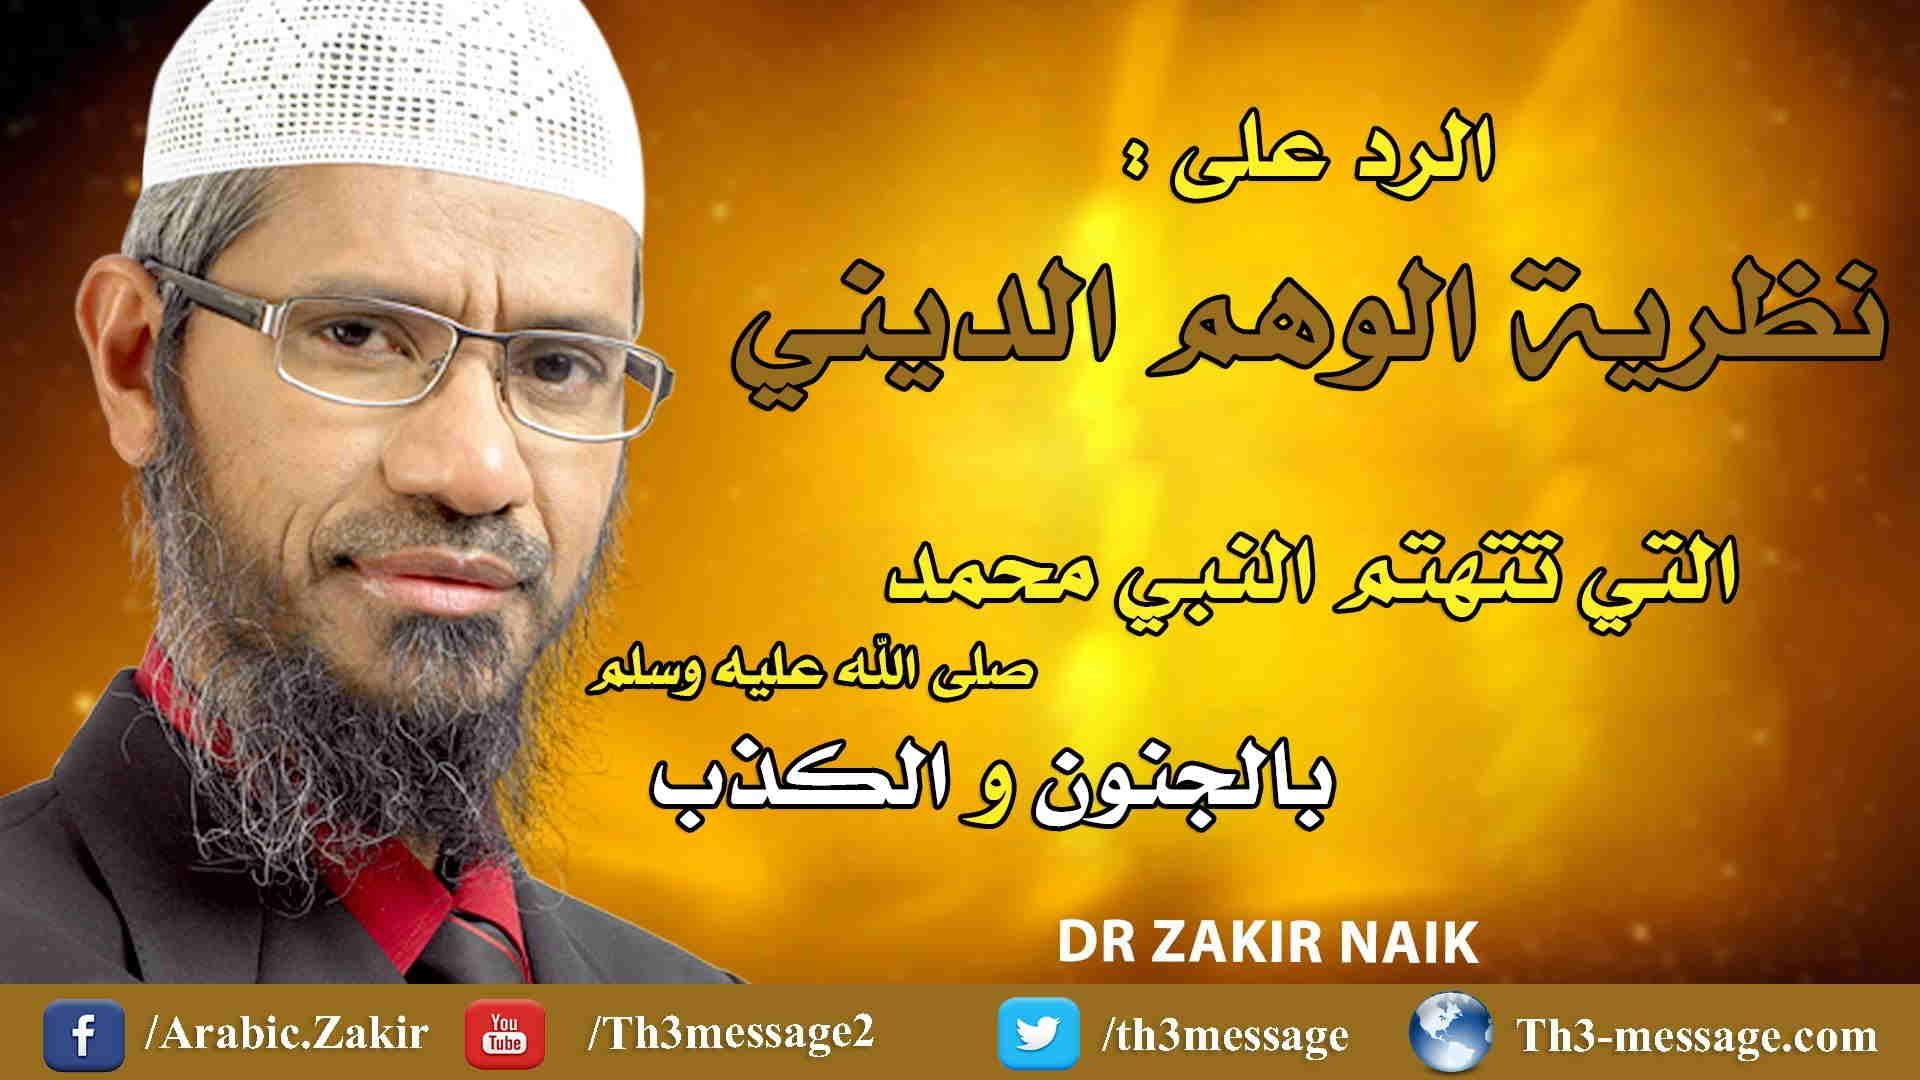 الرد على نظرية الوهم الديني التي تتهم محمد بالجنون - ذاكر نايك Zakir Naik